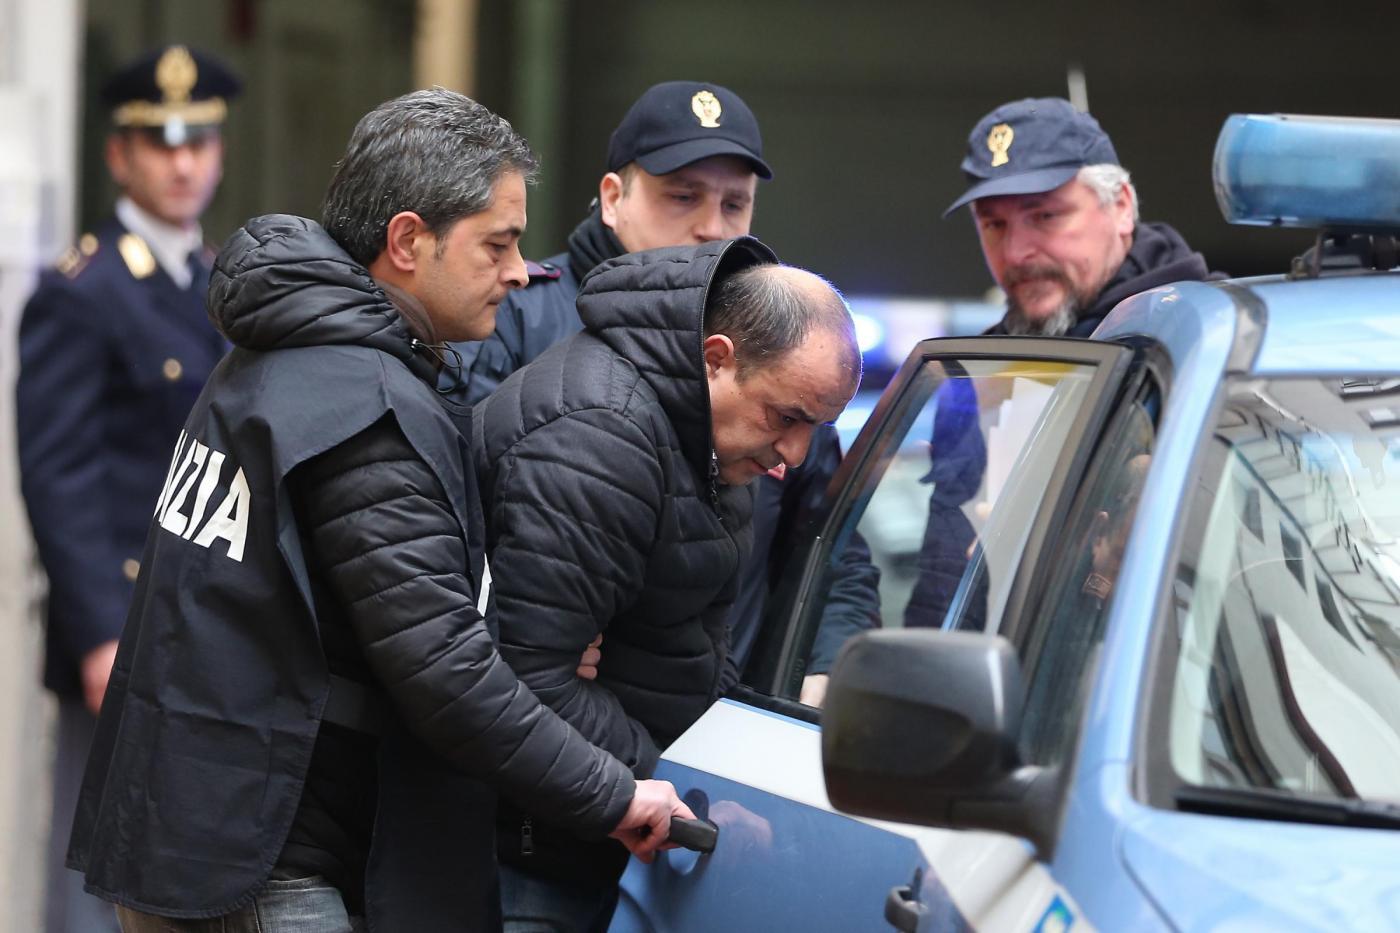 Napoli, uscita arresti operazione antidroga contro il clan Amato Pagano